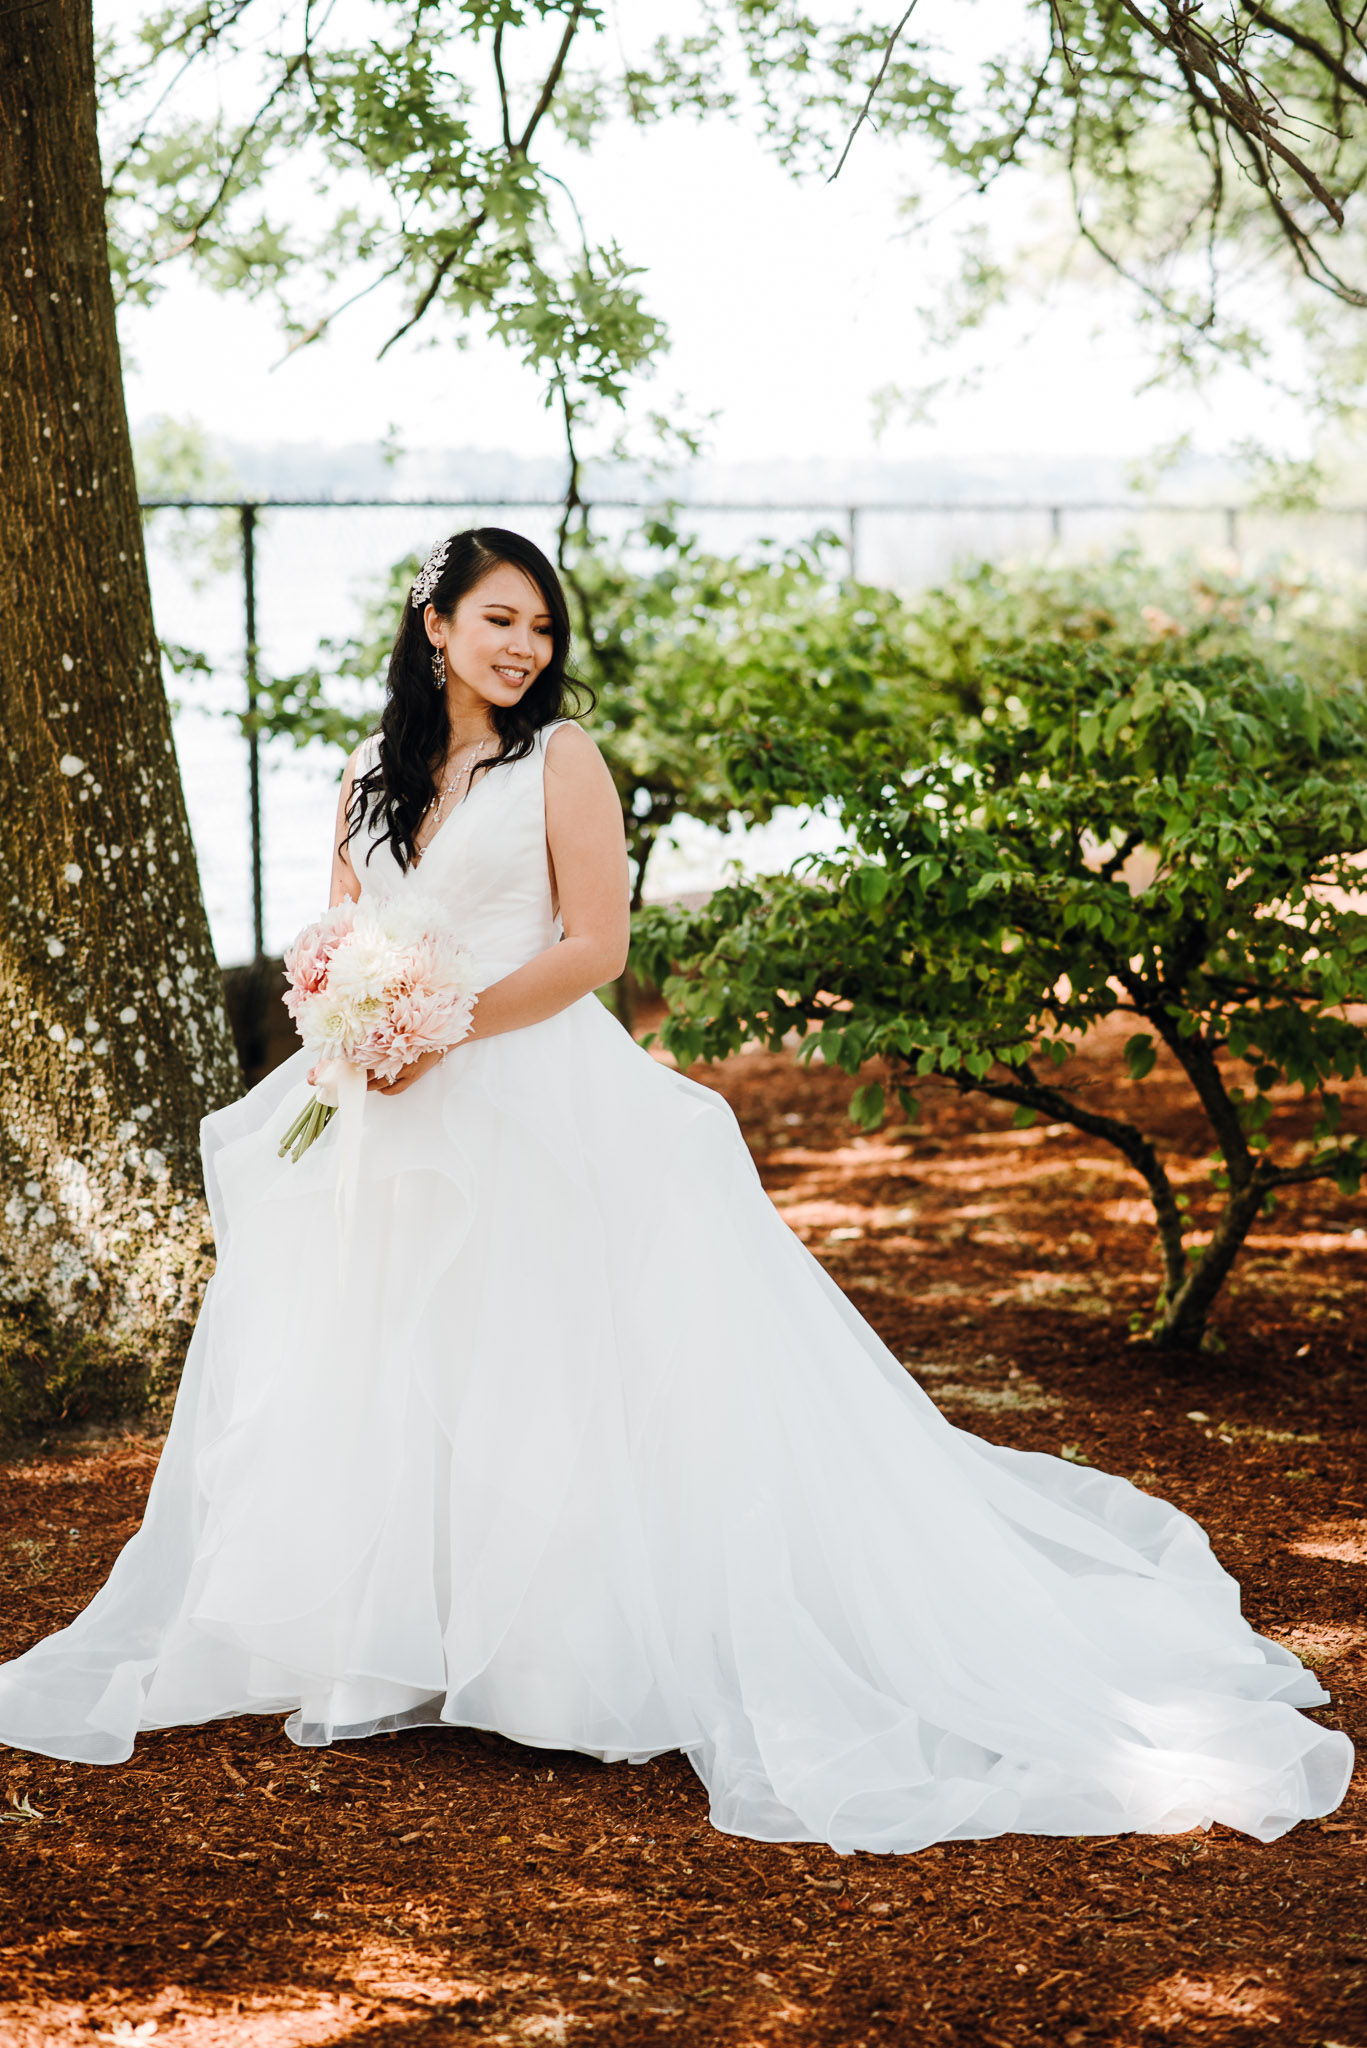 Hyatt-Regency-Lake-Washington-Wedding-Renton-Washington-0006.jpg